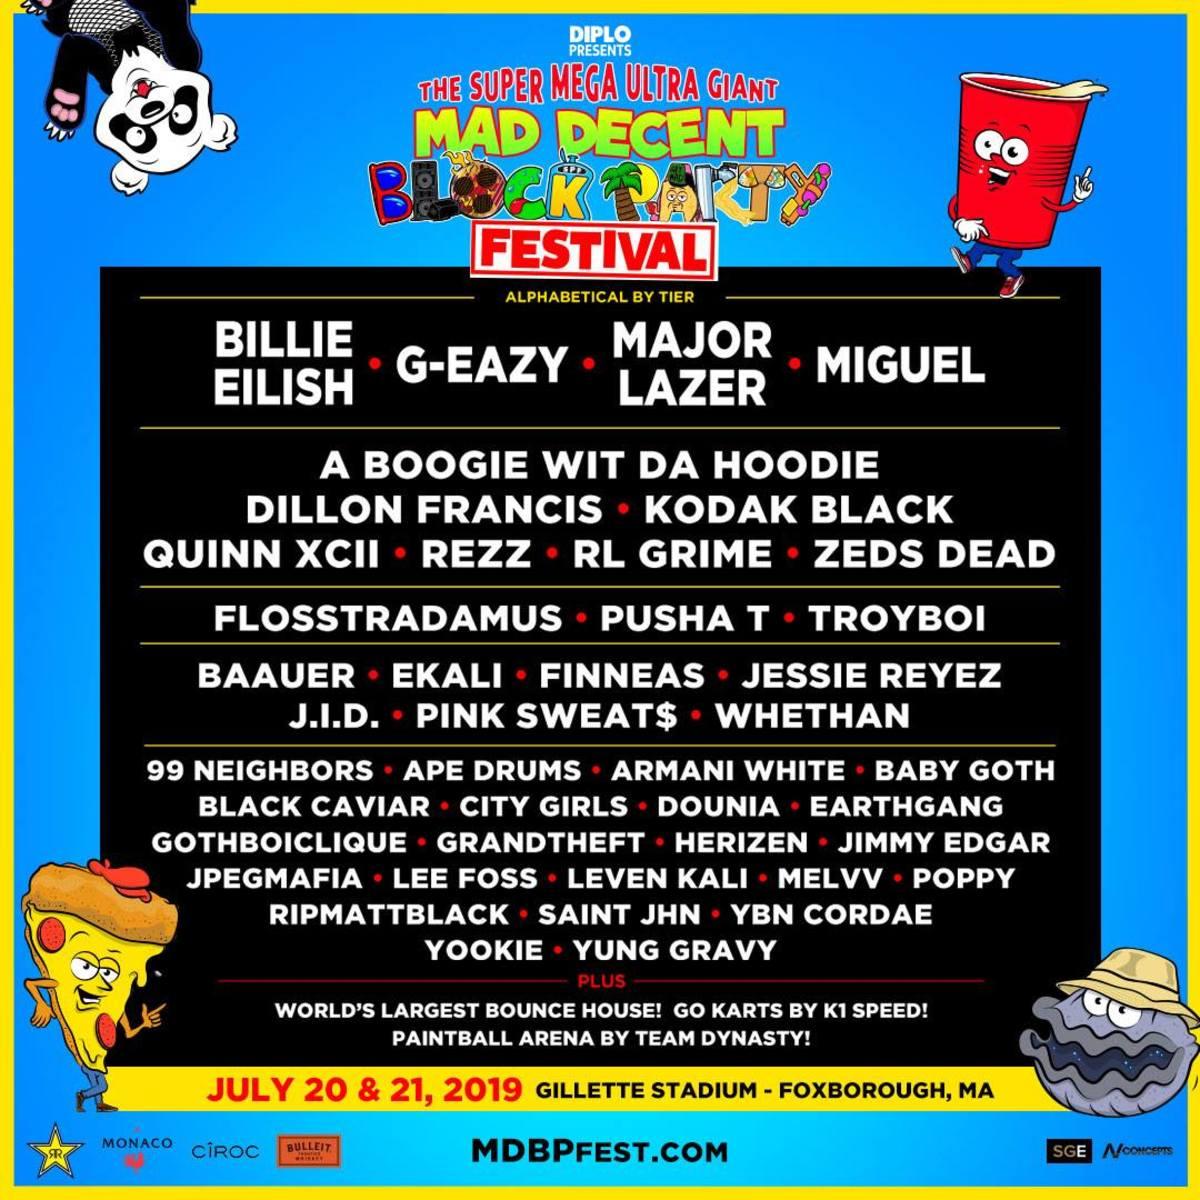 Super Mega Ultra Giant Mad Decent Block Party Festival Lineup